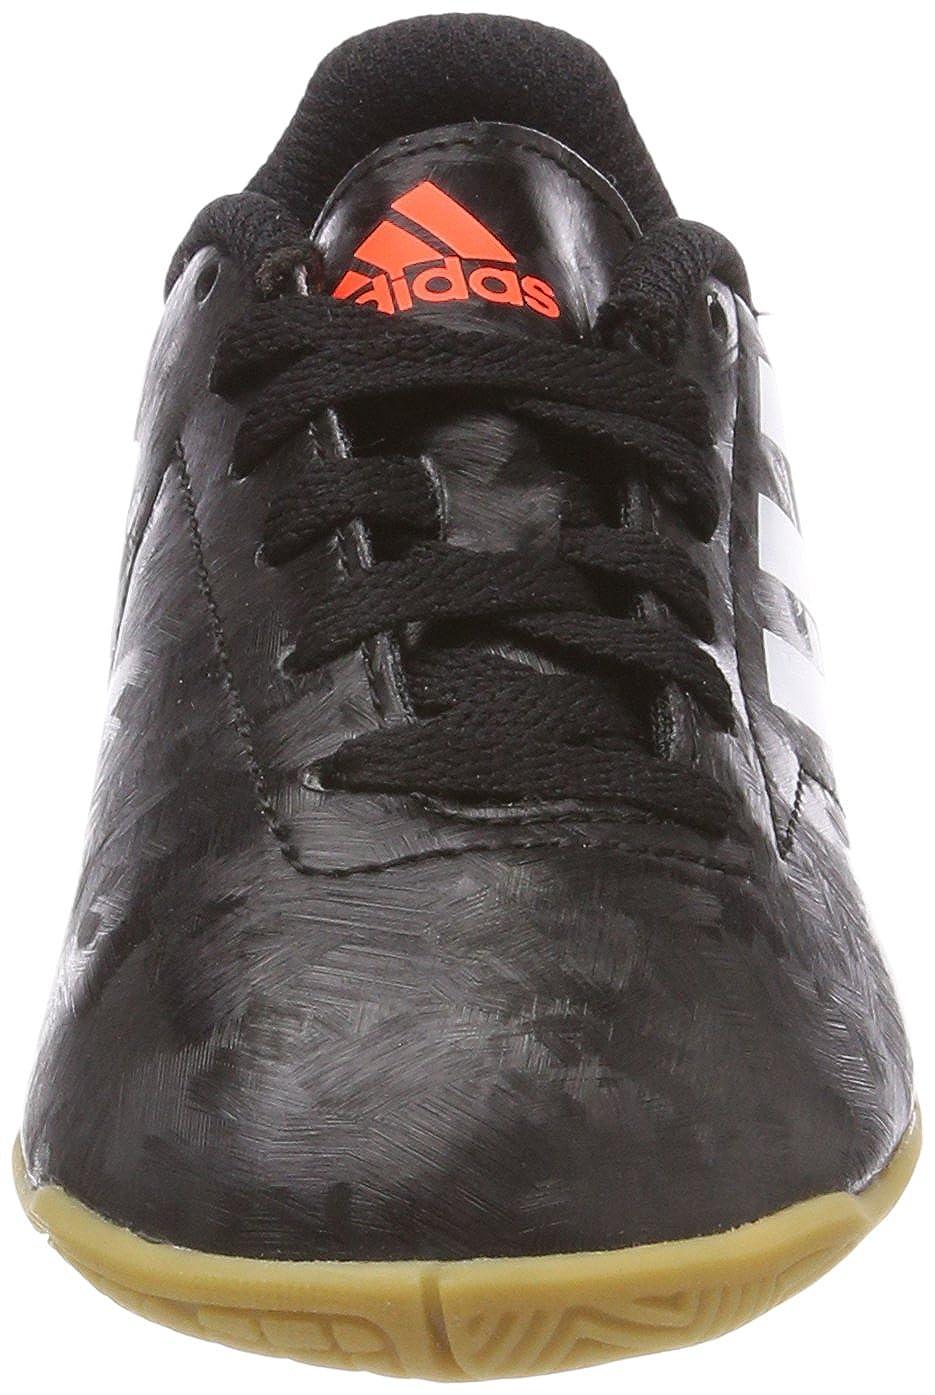 size 40 17b07 d3200 adidas Conquisto II In J, Zapatillas de Gimnasia para Niños Amazon.es Zapatos  y complementos